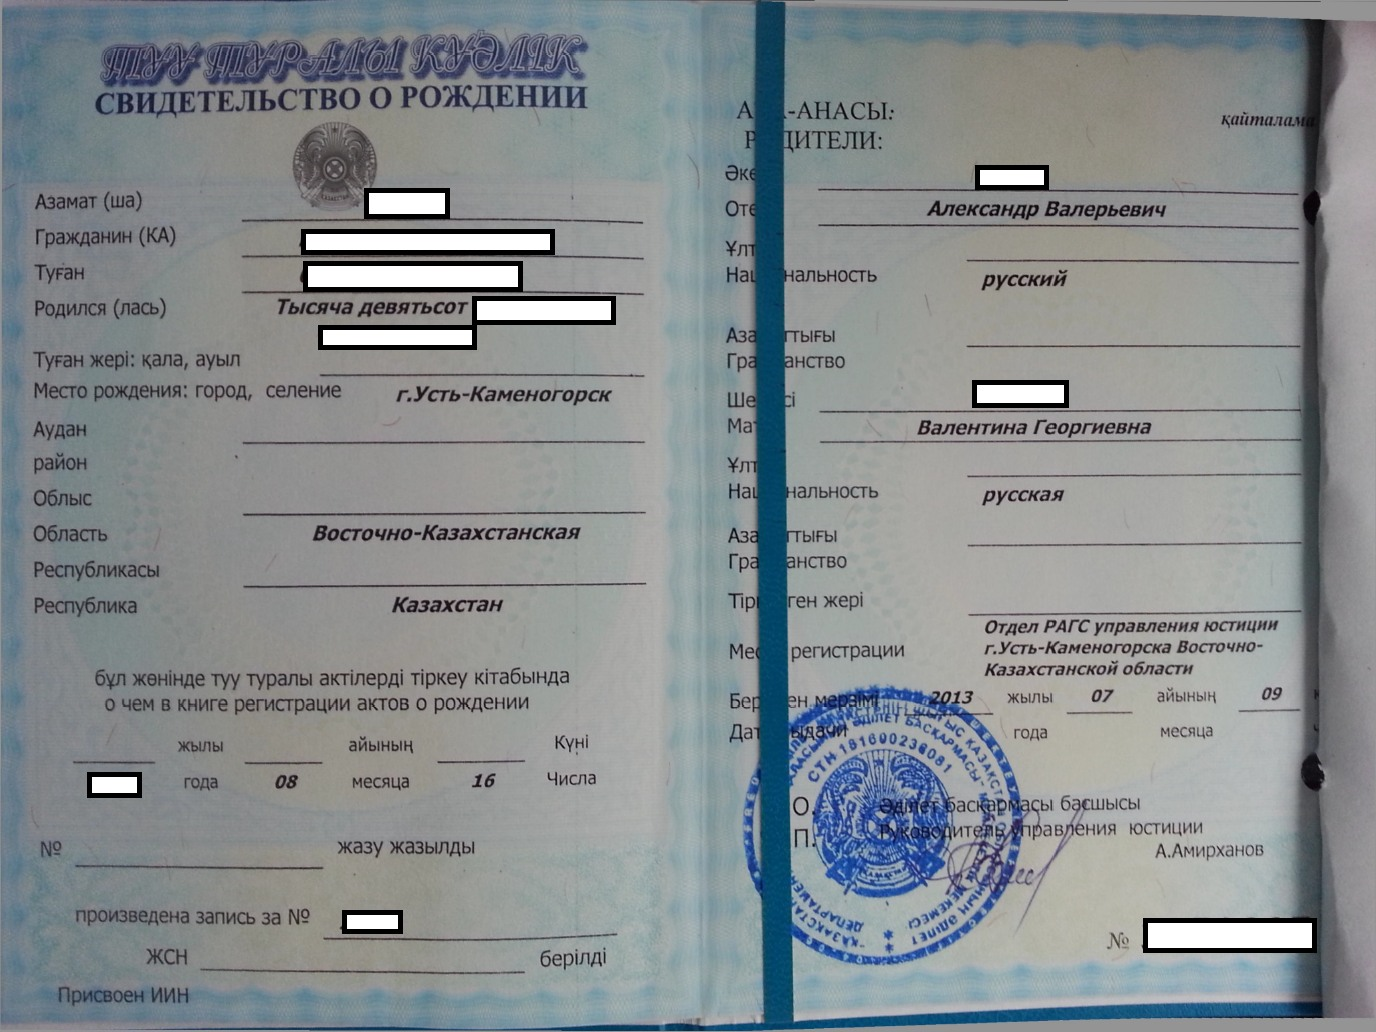 Образец свидетельства о рождении Республики Казахстан